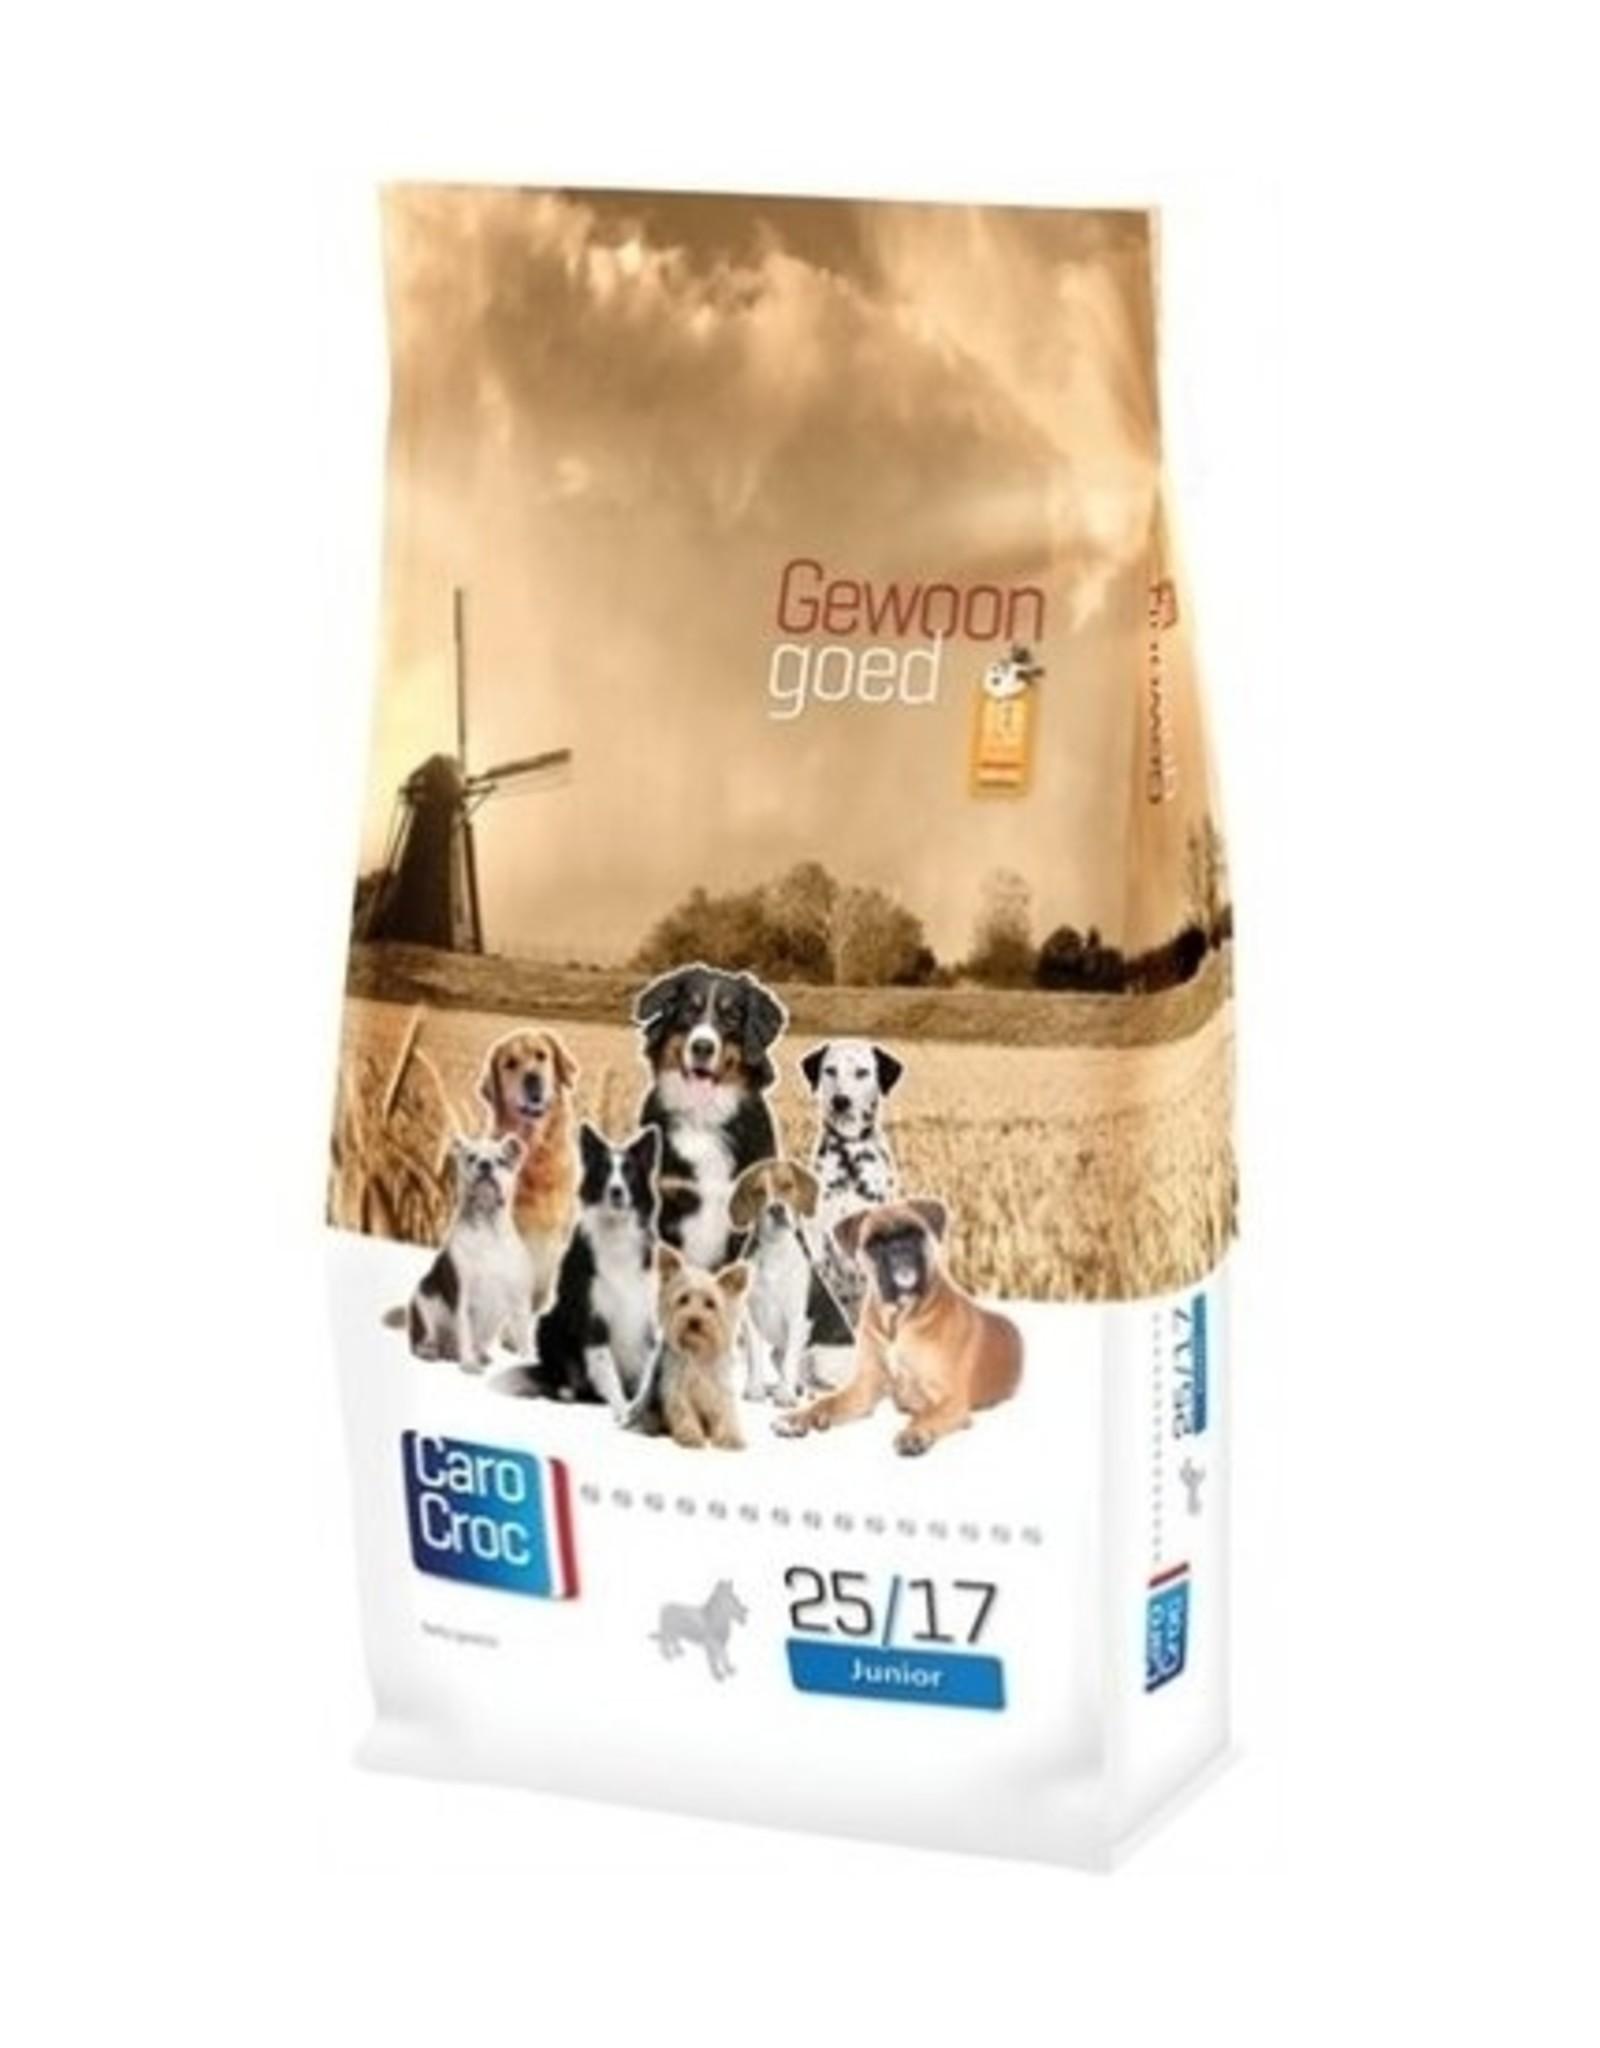 Sanimed Sanimed Carocroc Junior Hund 25/17 (huhn) Reis 3kg